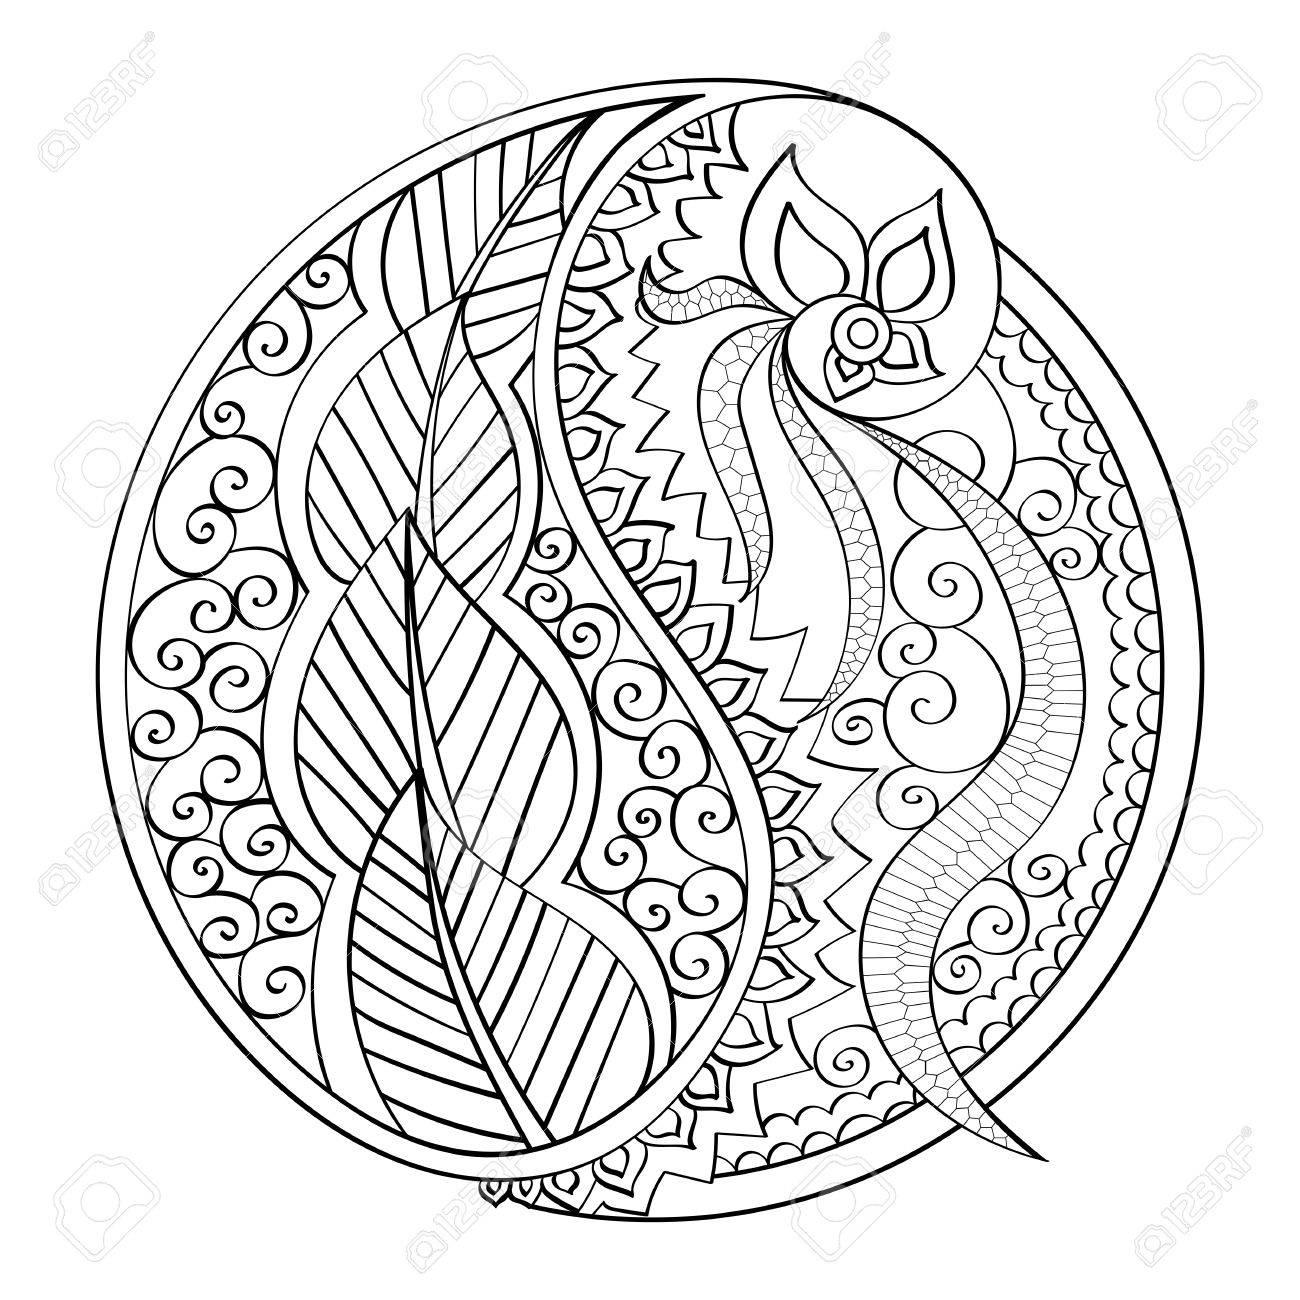 Mandala De Vector Dibujado A Mano Mandala De Página De Libro Libro